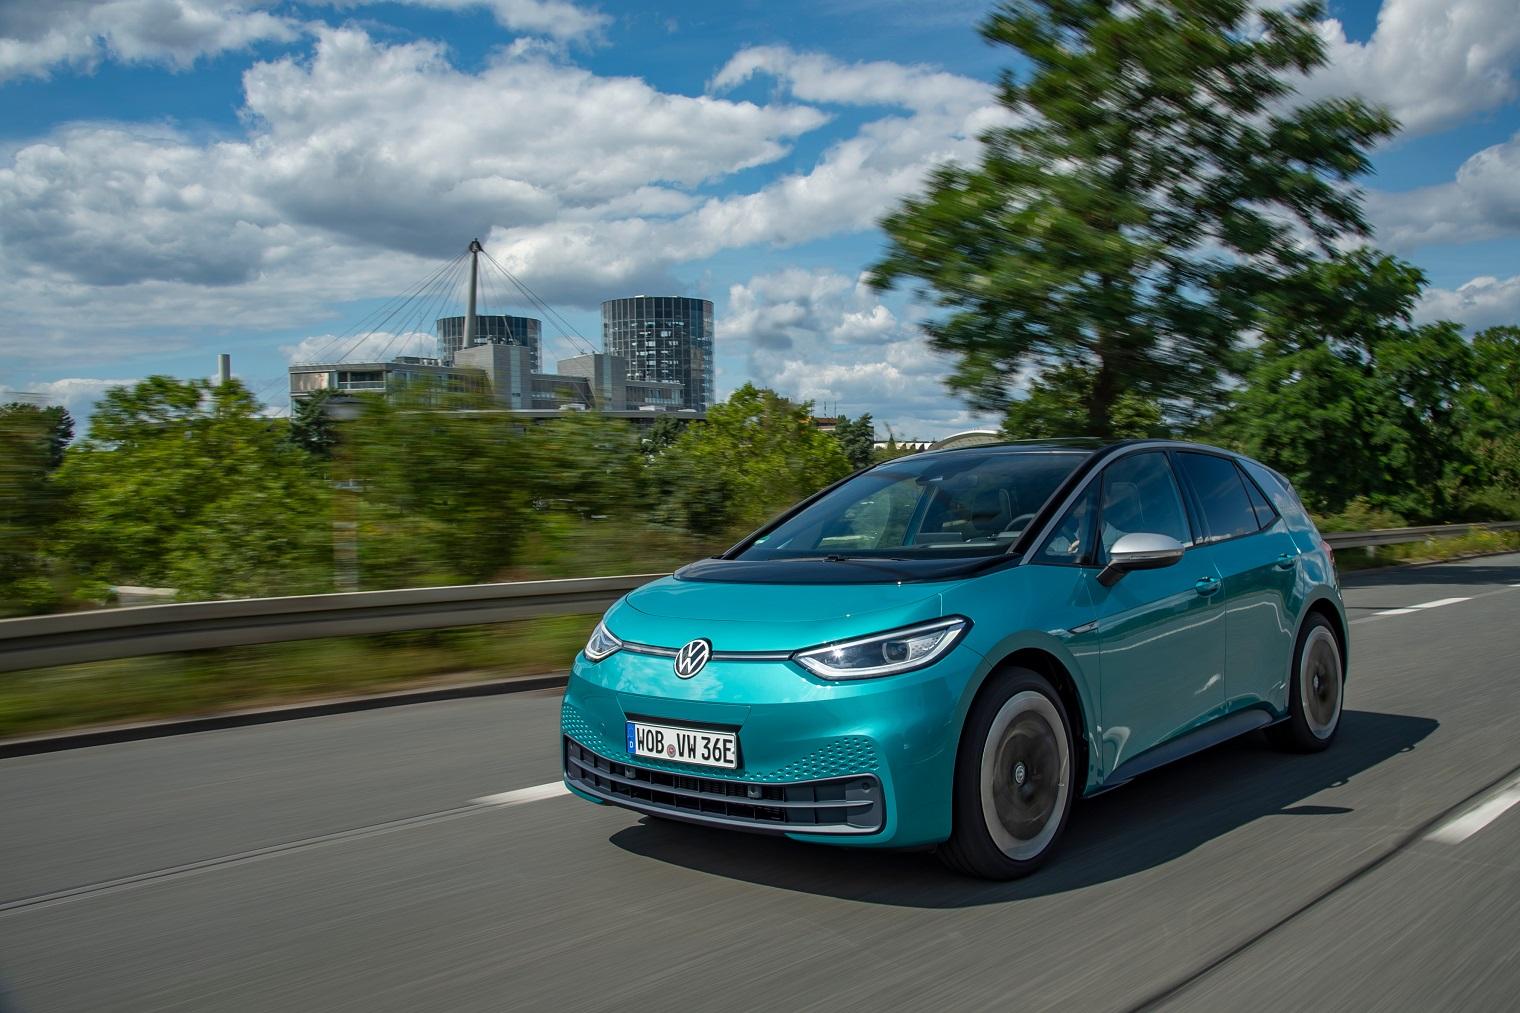 Esterni nuova Volkswagen ID.3